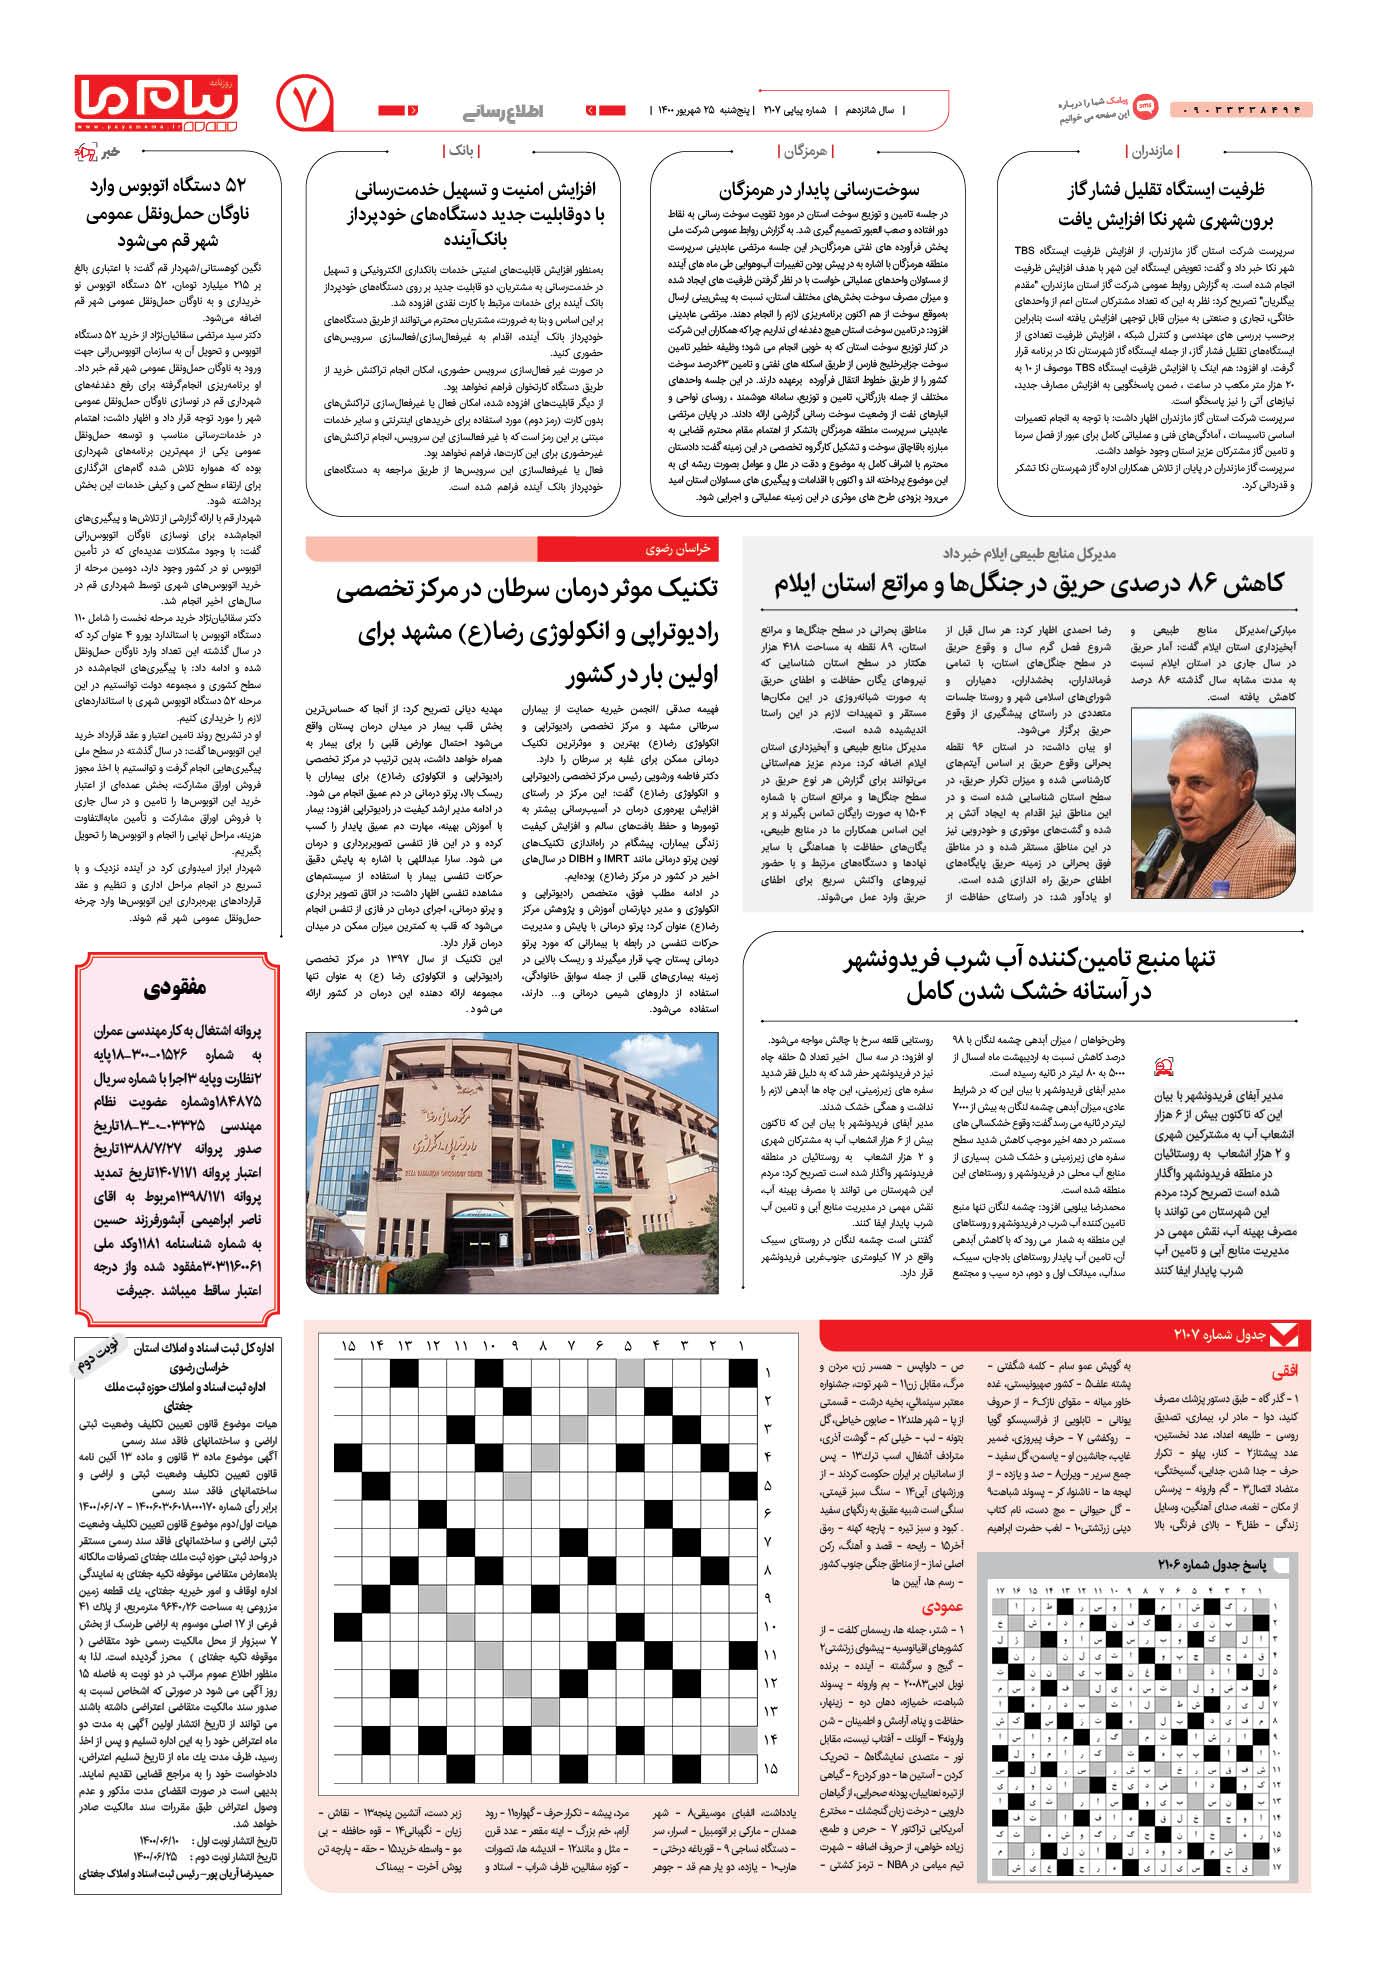 صفحه اطلاع رسانی شماره 2107 روزنامه پیام ما